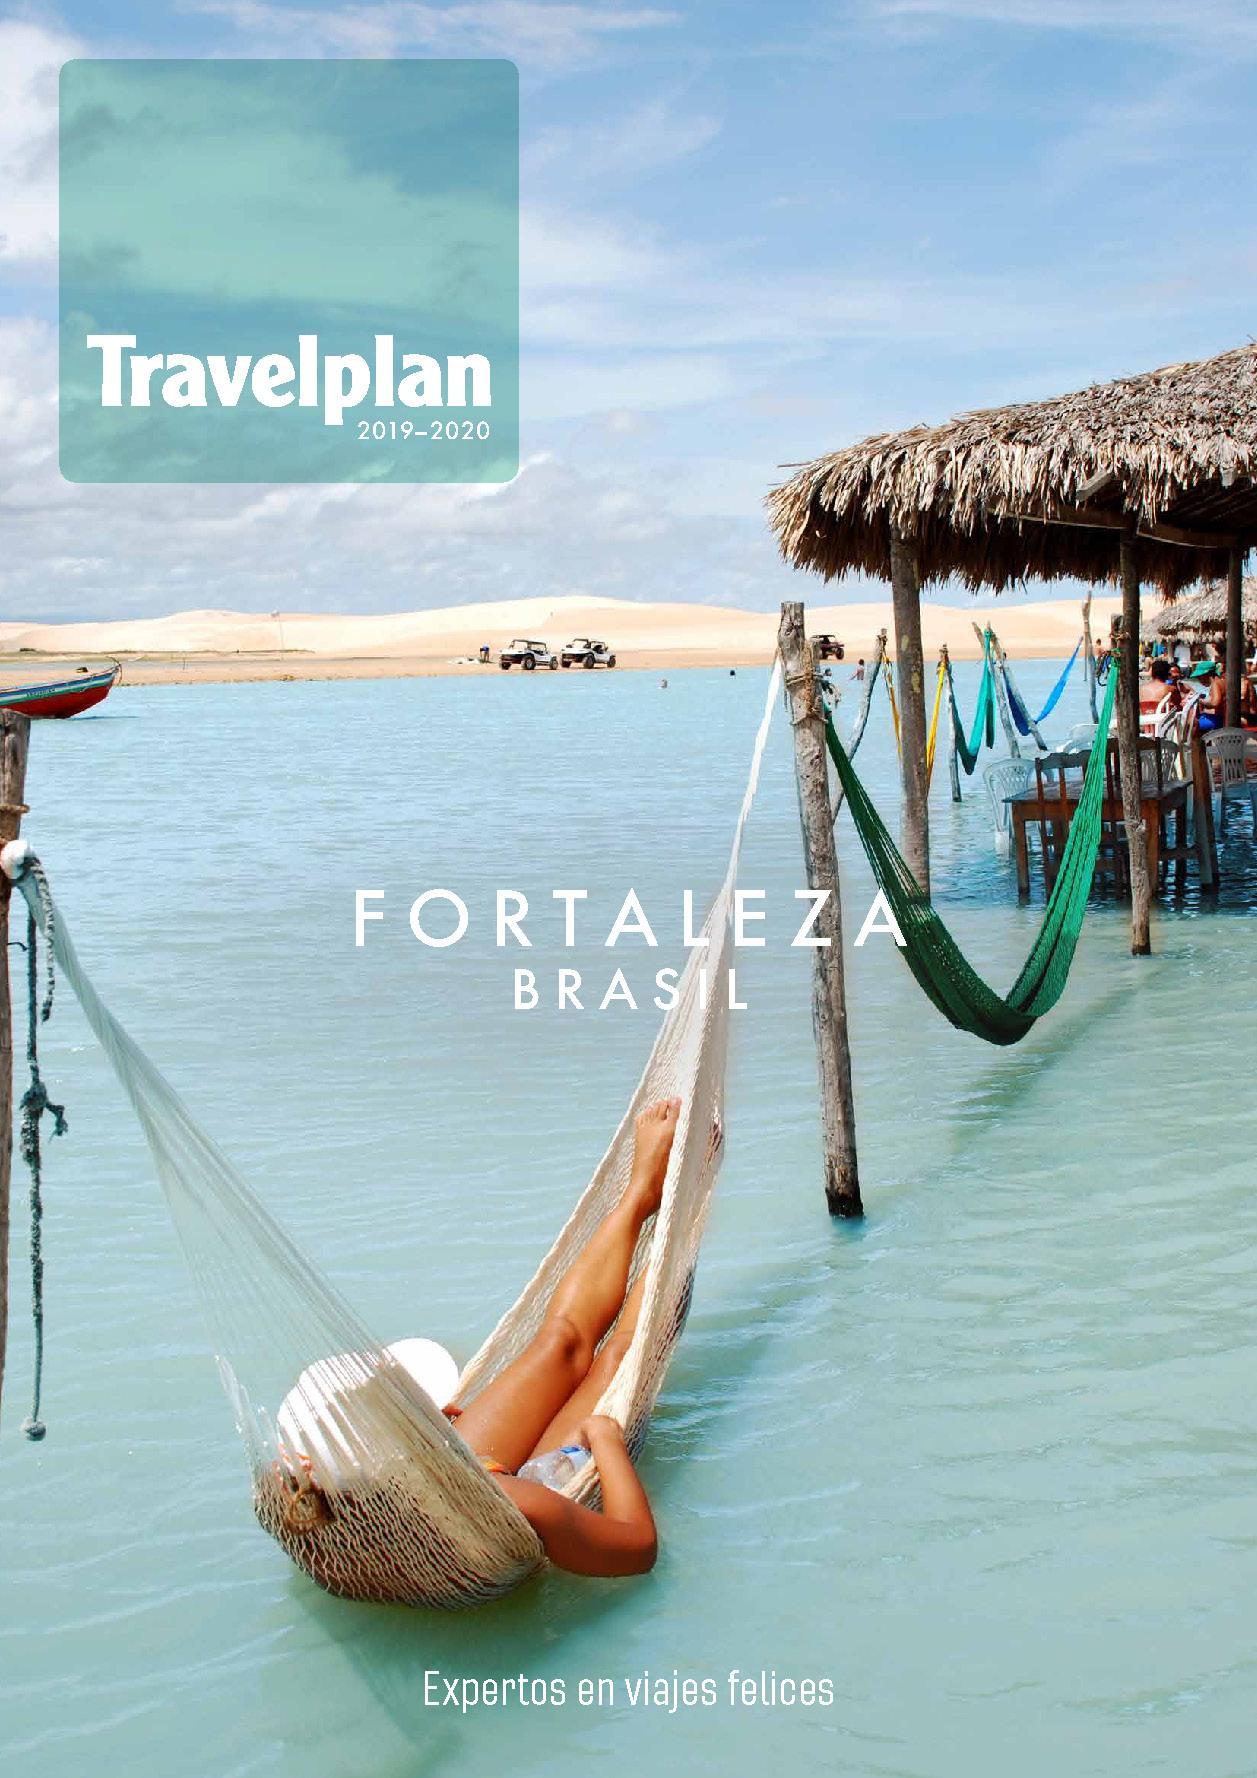 Catalogo Travelplan Fortaleza 2019-2020